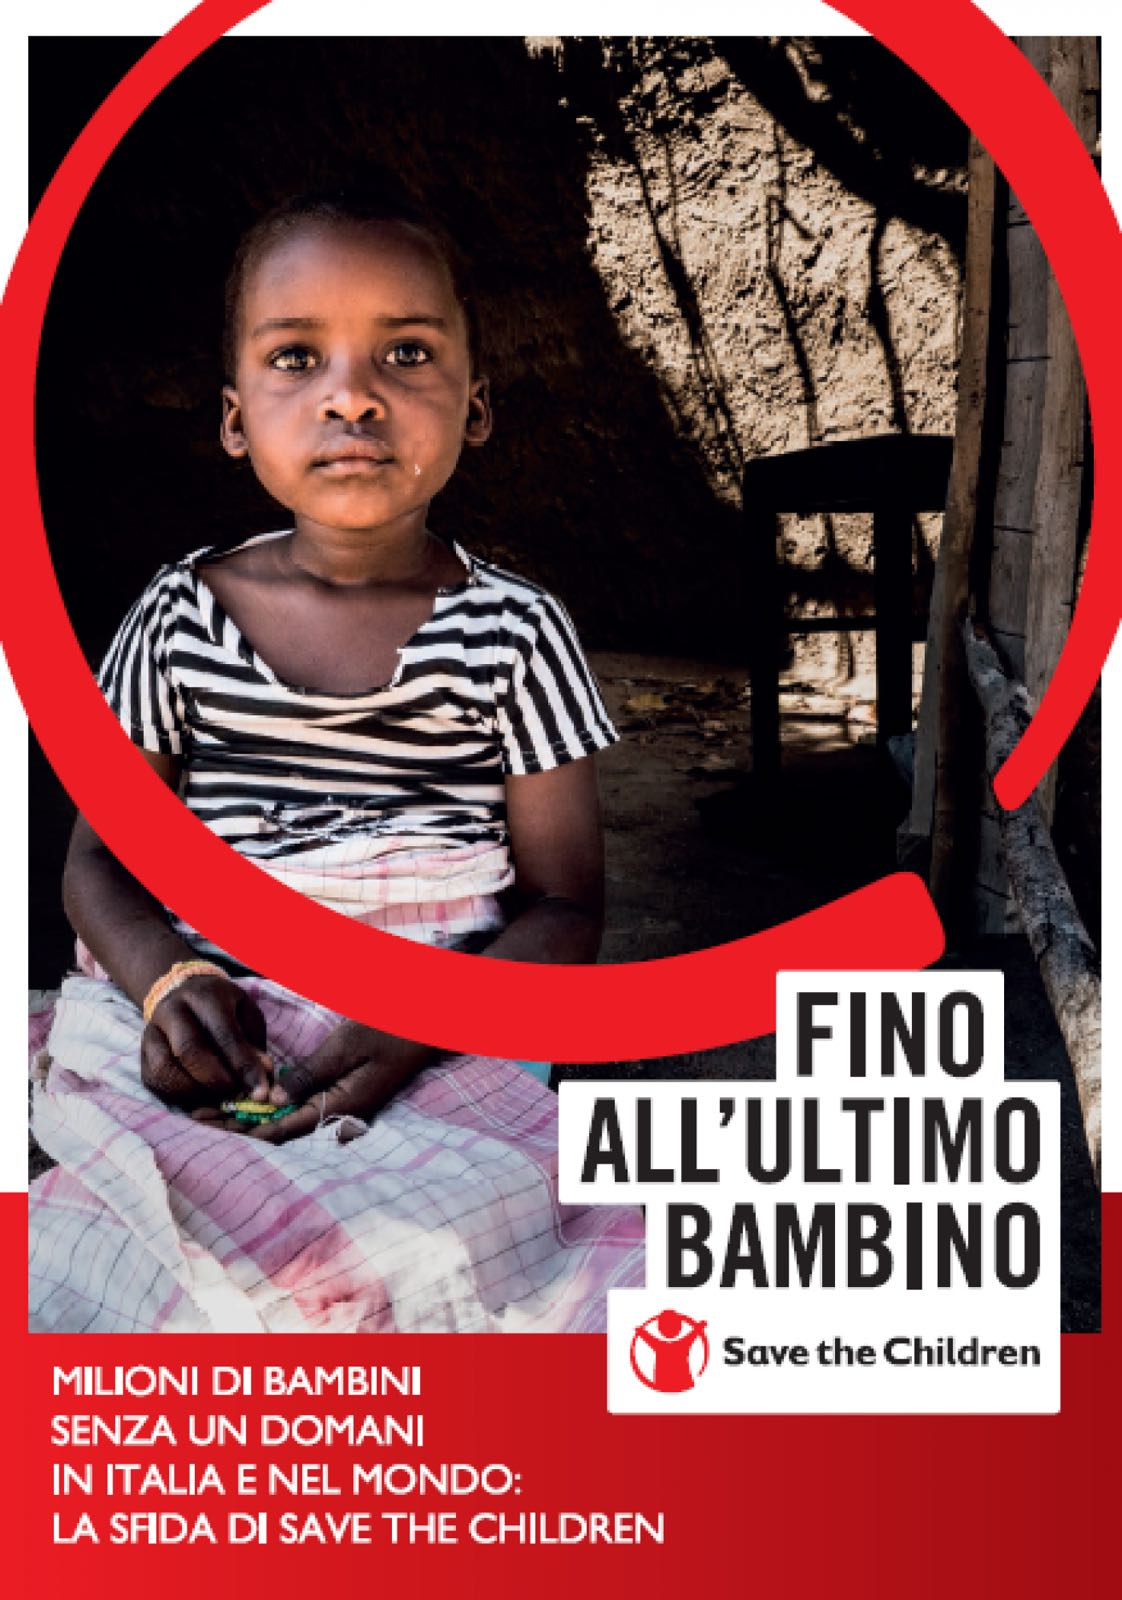 Campagna Nazionale di Sensibilizzazione Fino all'ultimo bambino dal 2 al 4 marzo 2017